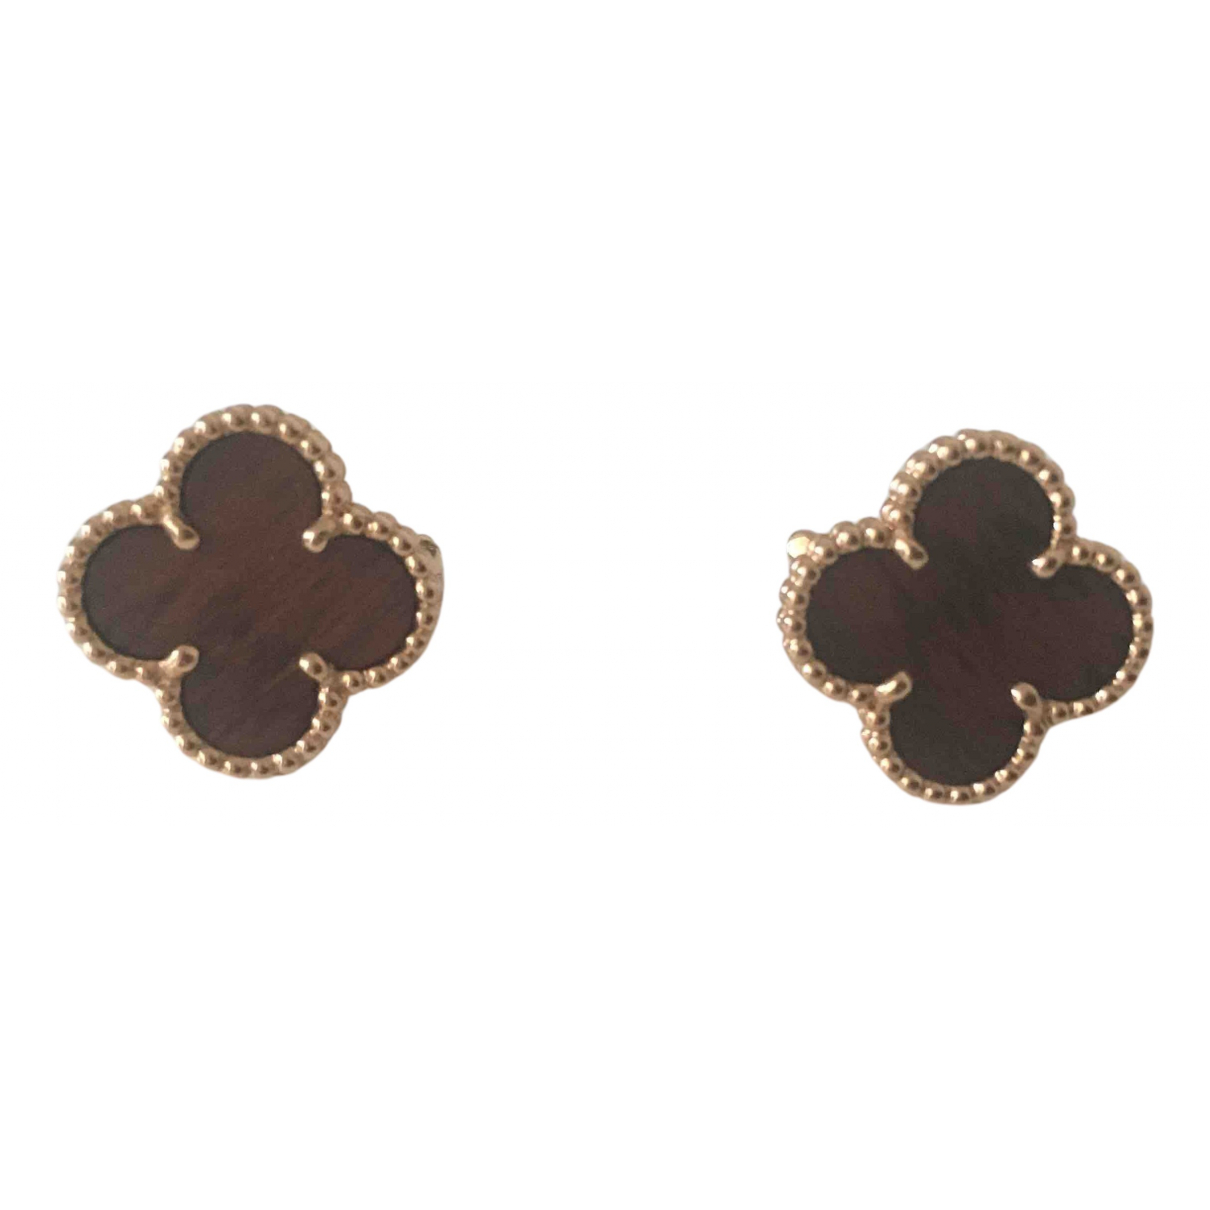 Van Cleef & Arpels - Boucles doreilles Vintage Alhambra pour femme en or rose - dore